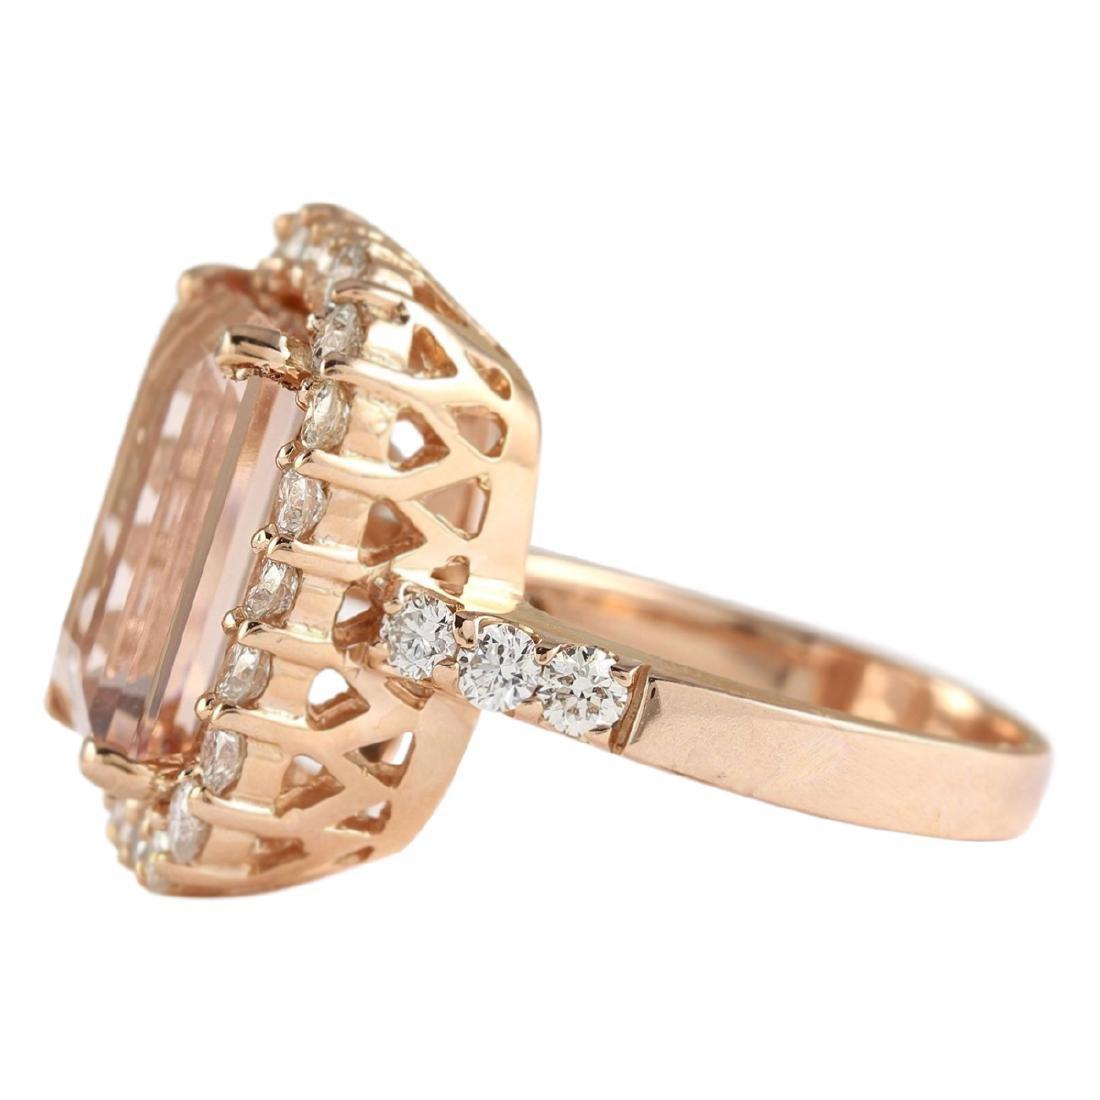 8.33 CTW Natural Morganite And Diamond Ring In 18K Rose - 2